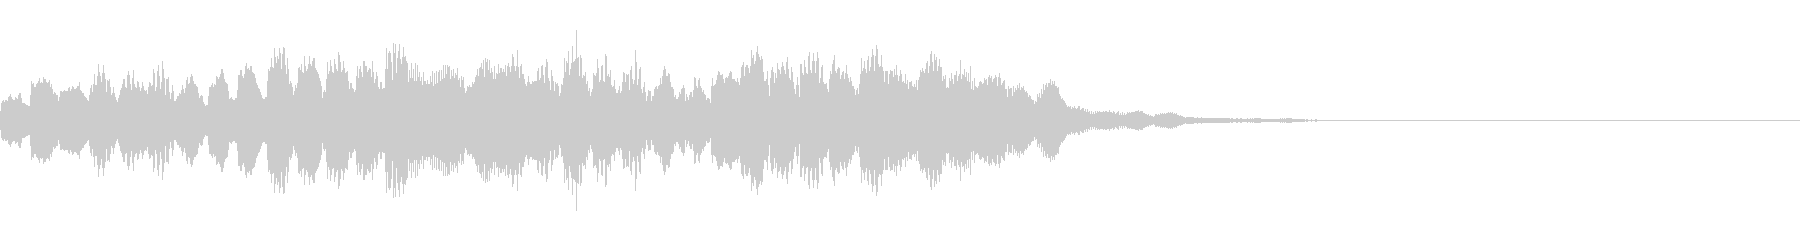 広がりのあるキラキラシンセサウンドロゴの未再生の波形